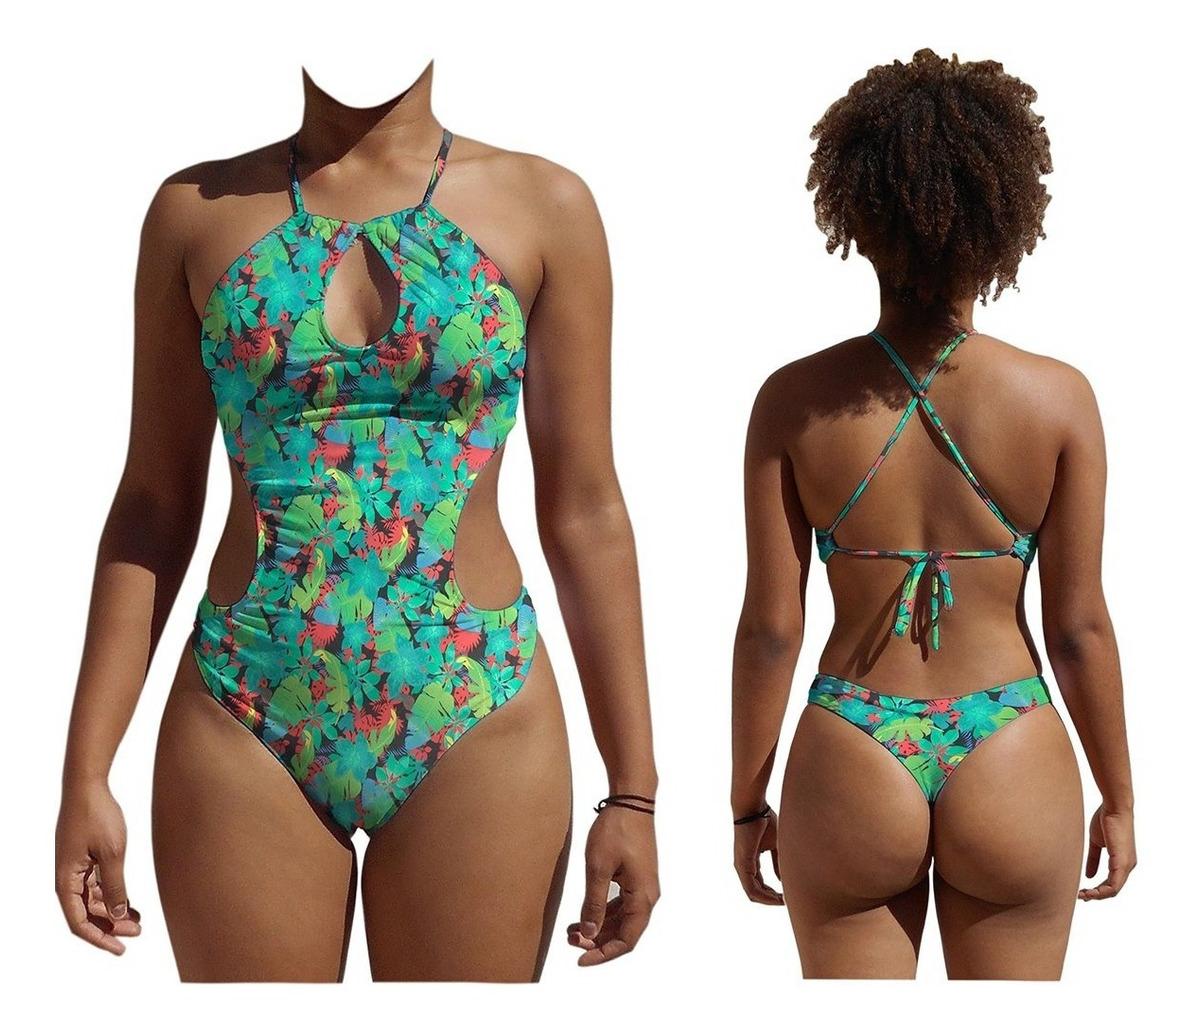 0550097f57e7 Traje De Banho Maiô Feminino Body Moda Praia Verão 2019 - R$ 69,99 ...